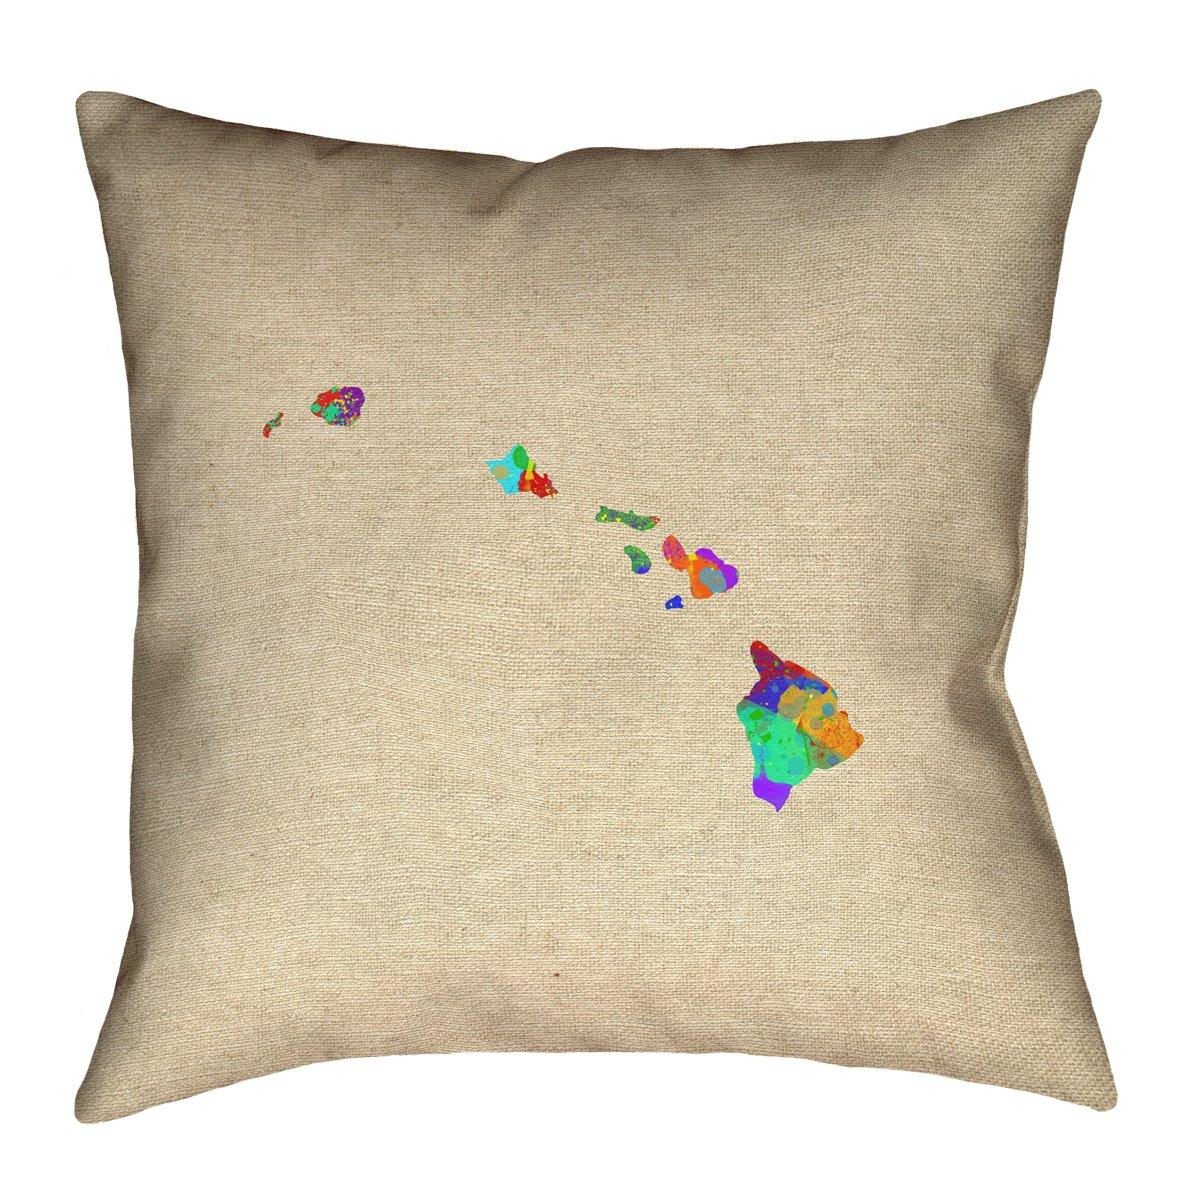 ArtVerse Katelyn Smith Hawaii Watercolor 26' x 26' Pillow-Spun Polyester SMI211P2626A